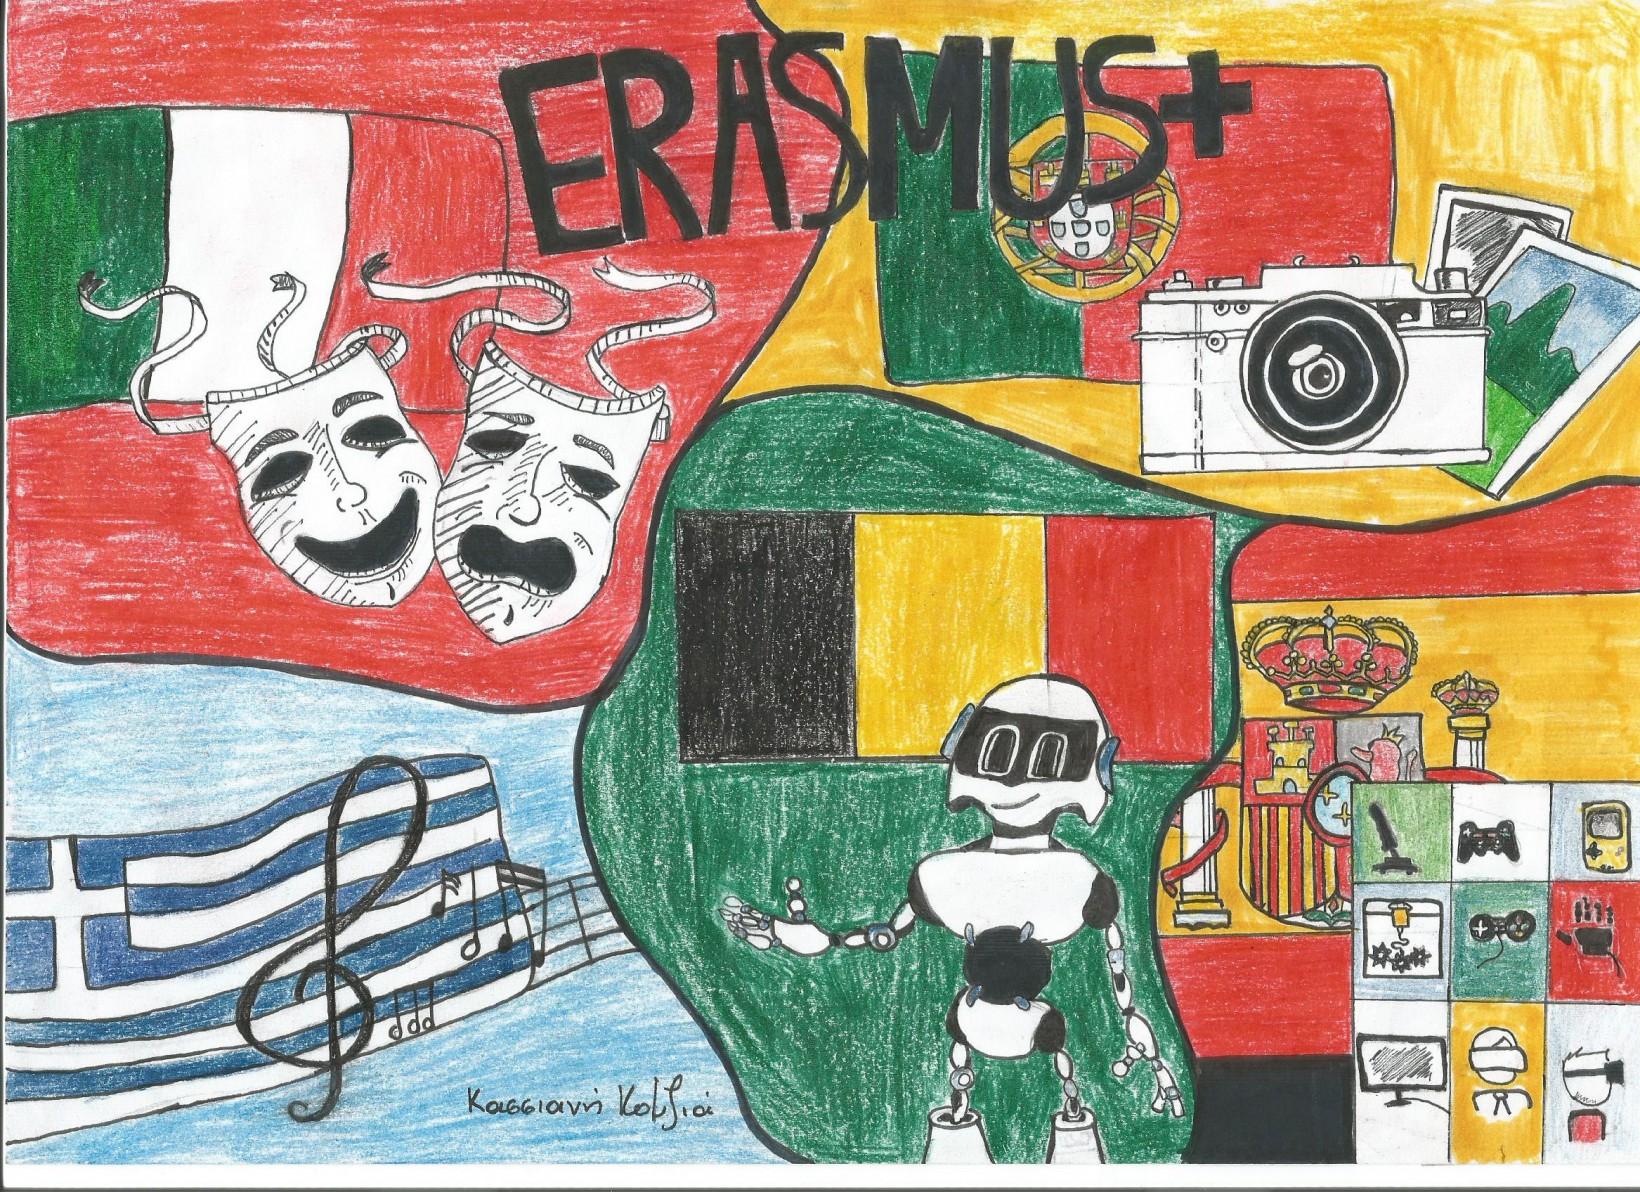 Ιστολόγιο του προγράμματος Erasmus + 2018-2019